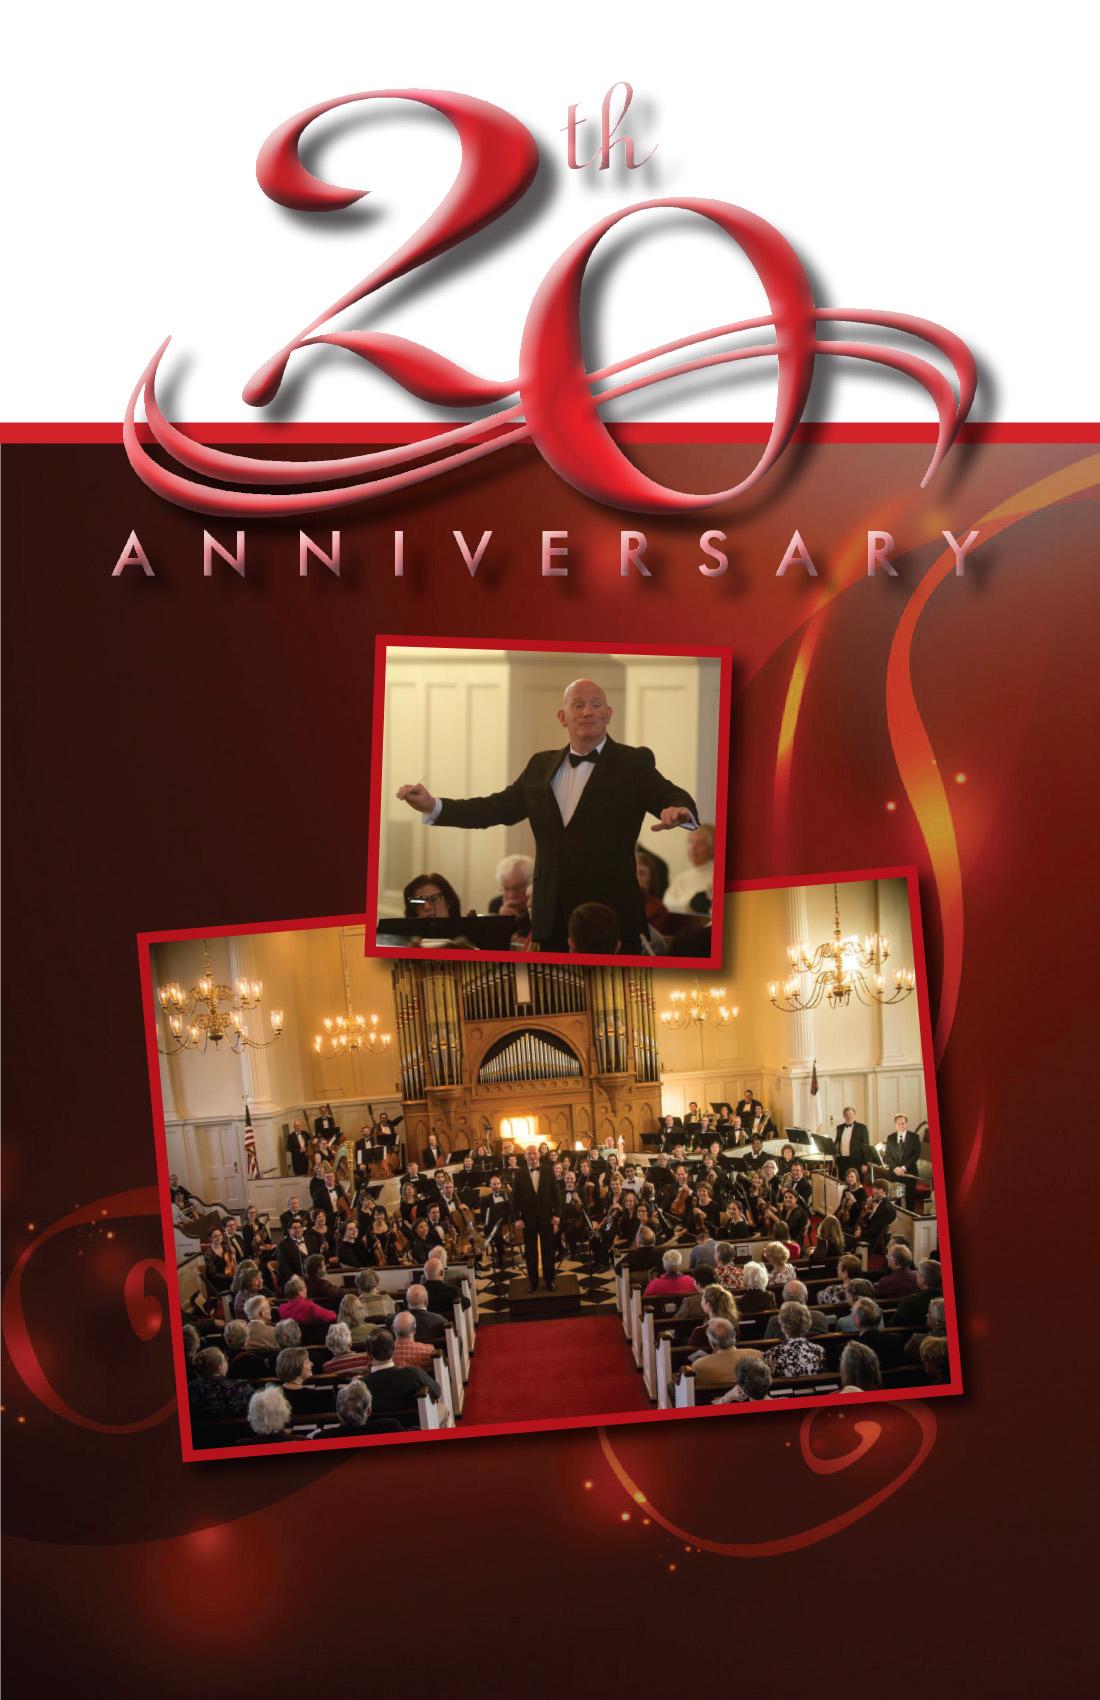 Anniversary CD image